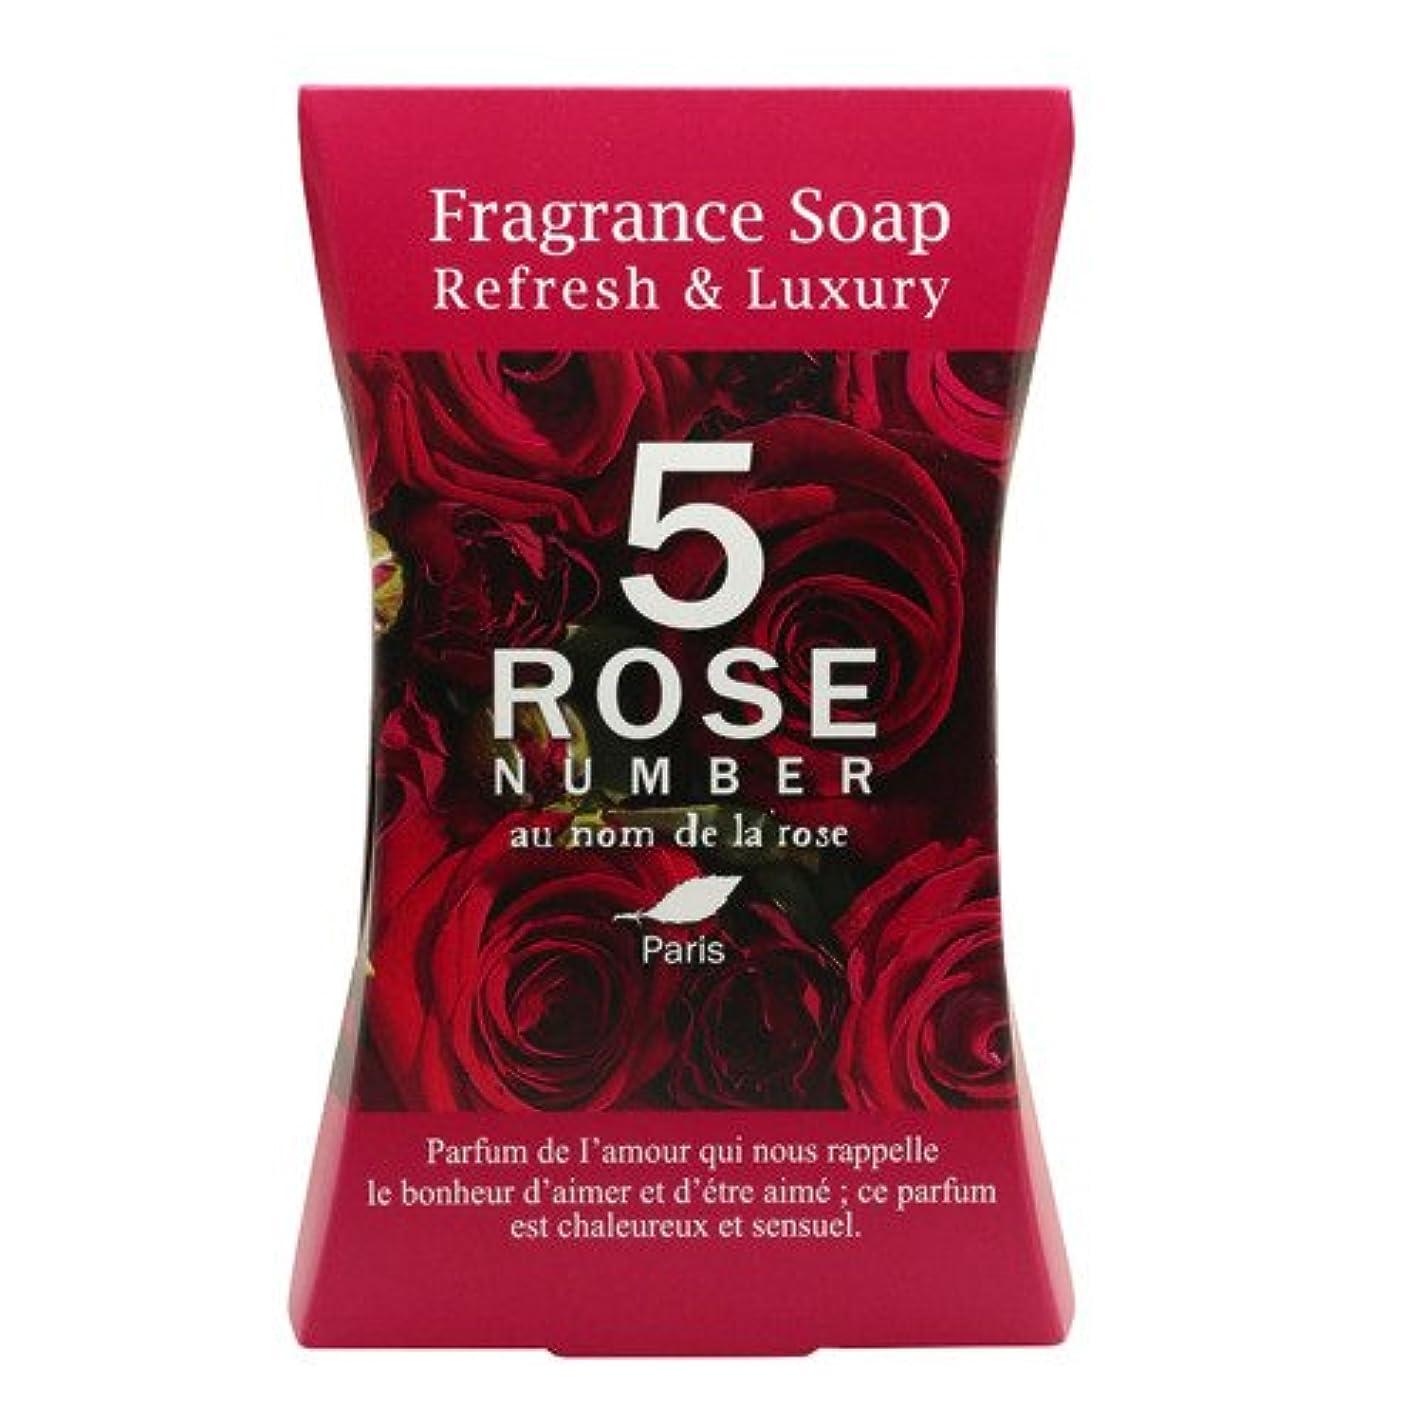 スイス人アクチュエータ外交ROSE NUMBER ソープバー NO5 エレガントなバラの香り (100g)